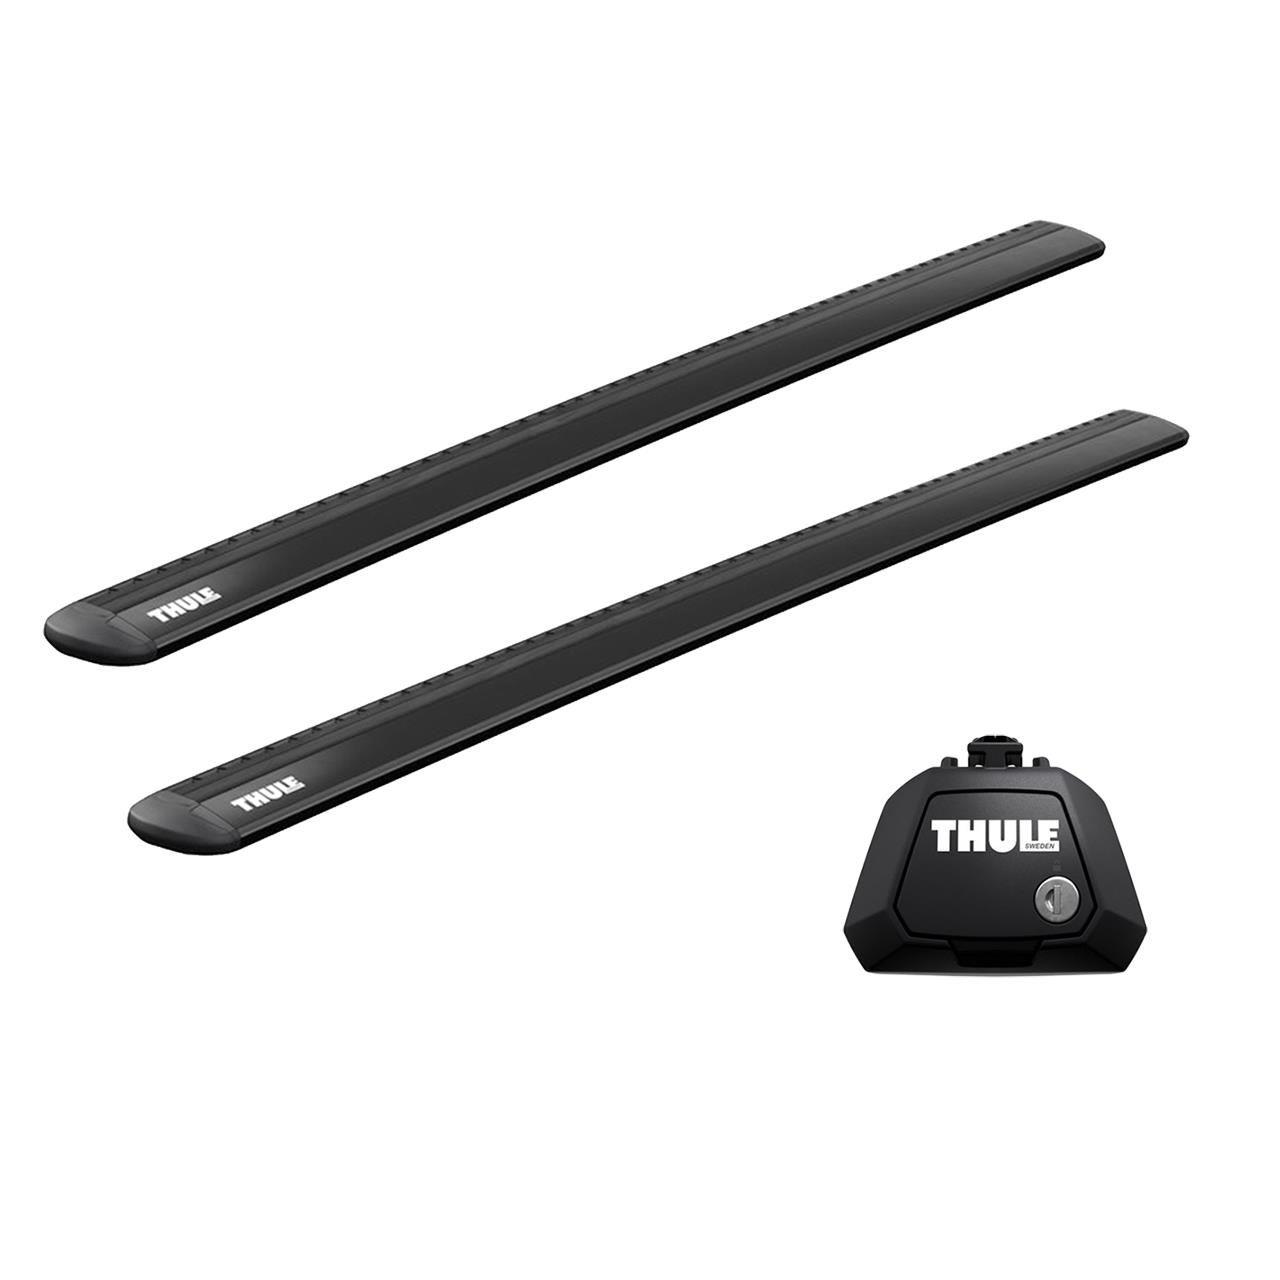 Напречни греди Thule Evo Raised Rail WingBar Evo 127cm в Черно за MITSUBISHI Pajero 5 врати SUV 05-06, 07- с фабрични надлъжни греди с просвет 1